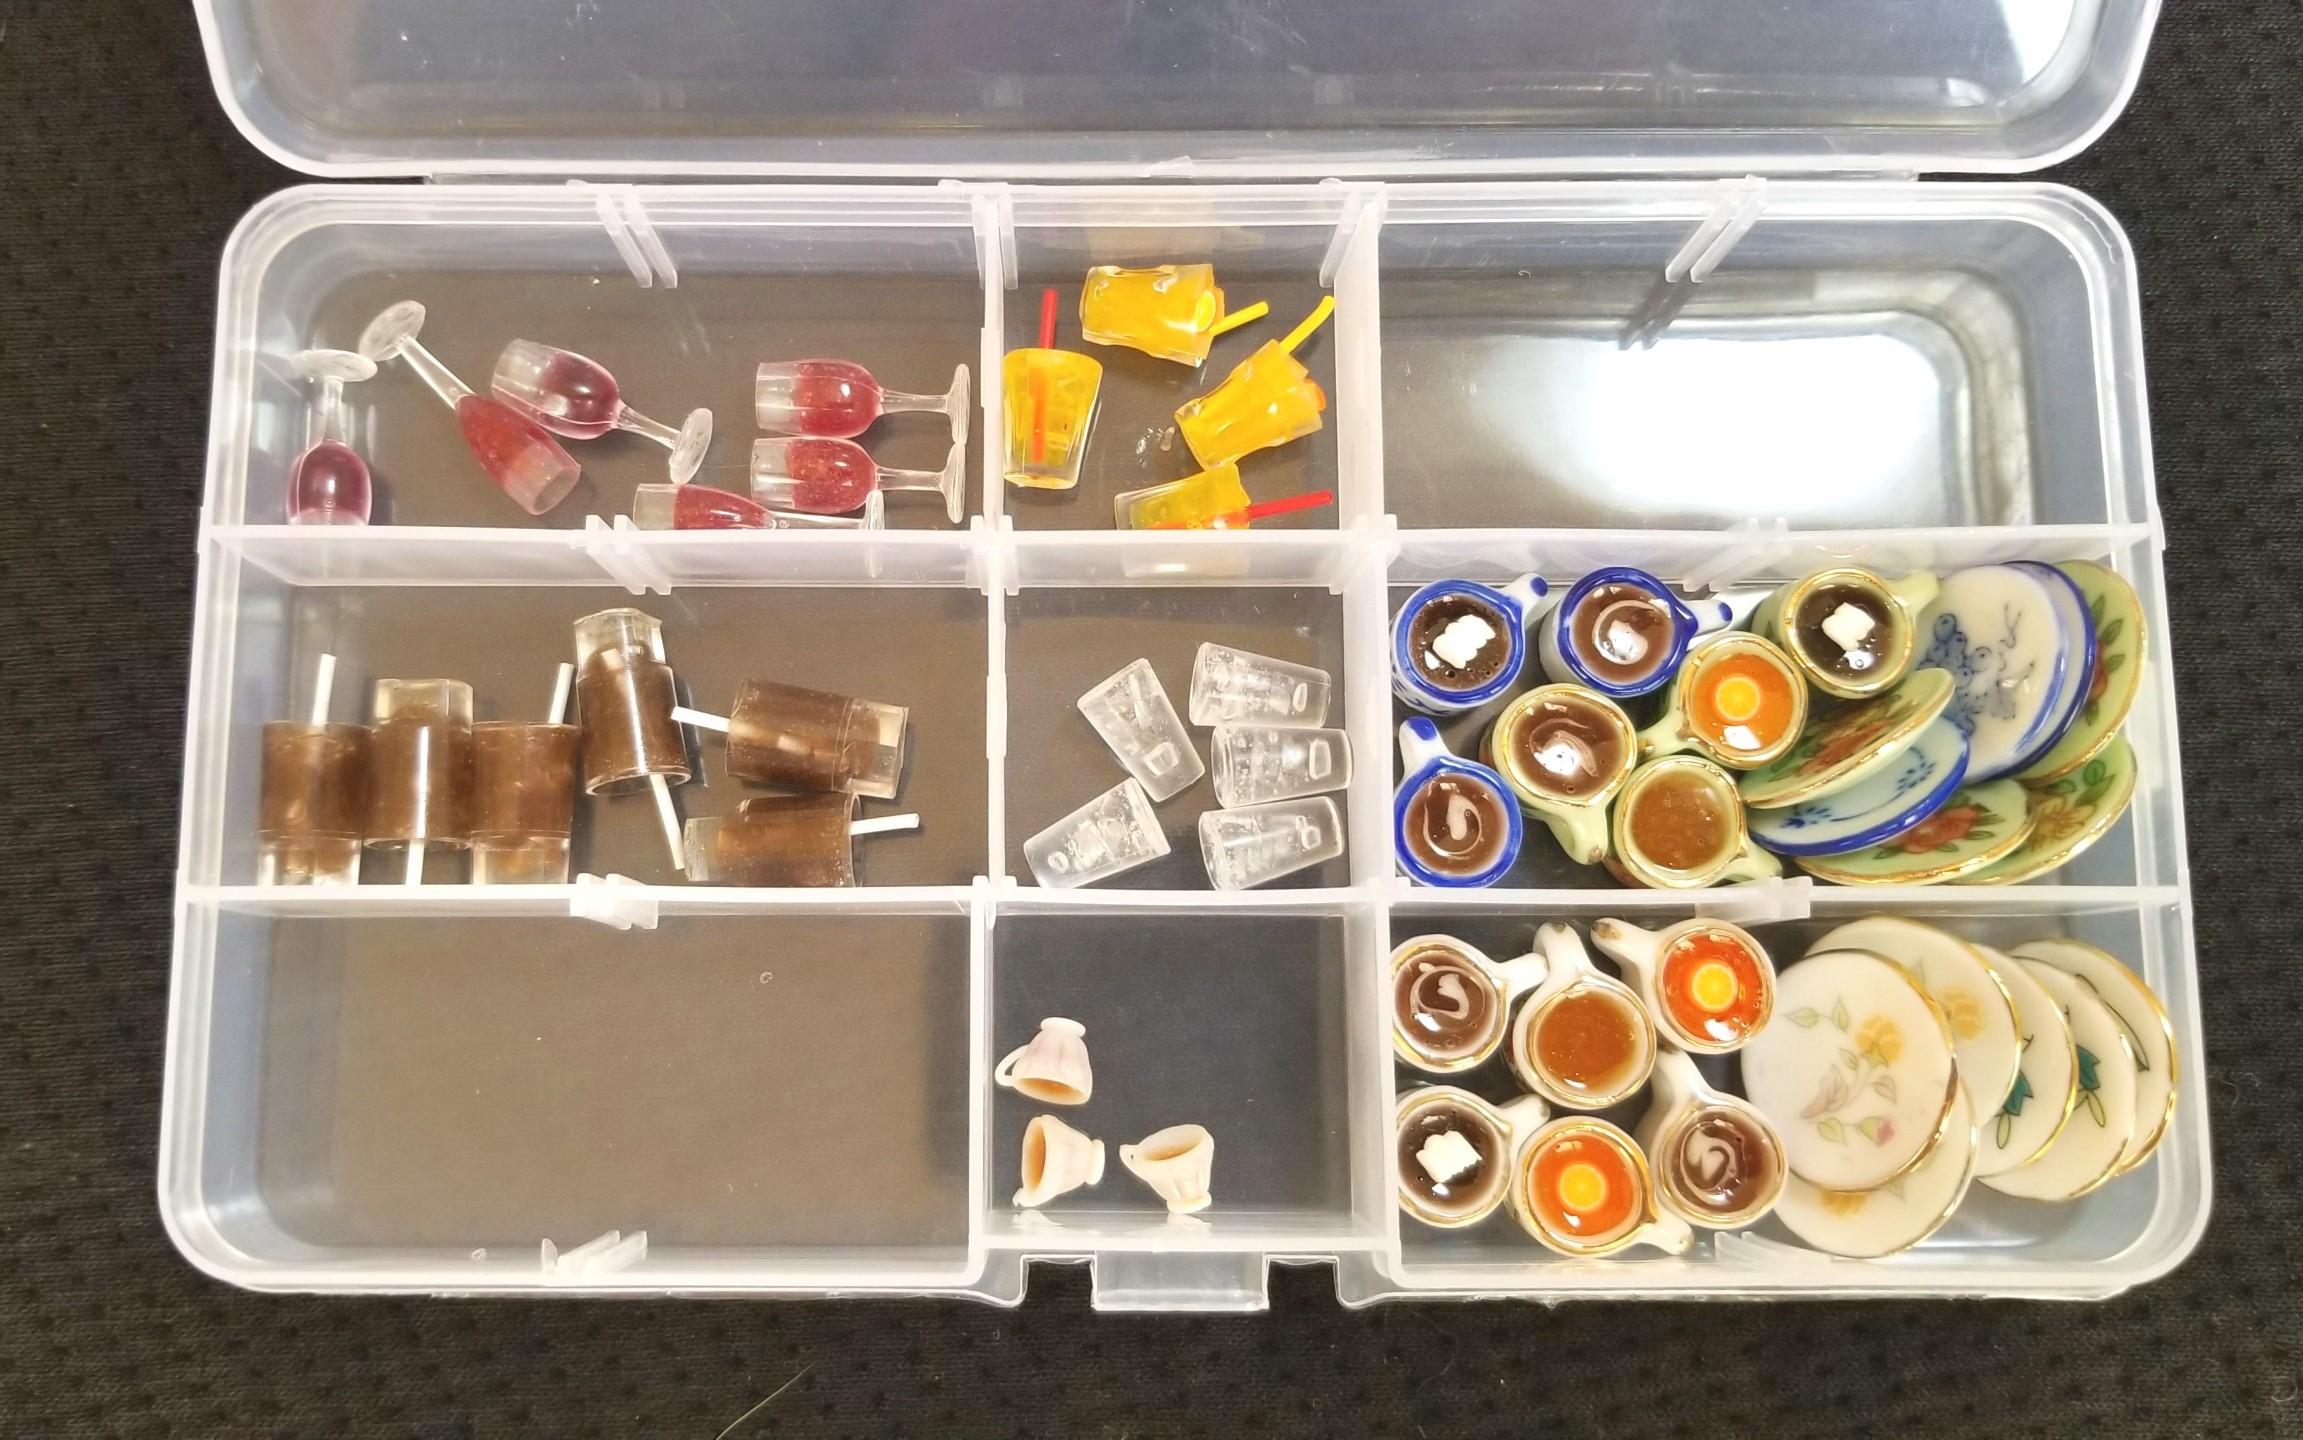 ミニチュア,陶器,ティーカップ,ワイン,水,オレンジジュース,紅茶